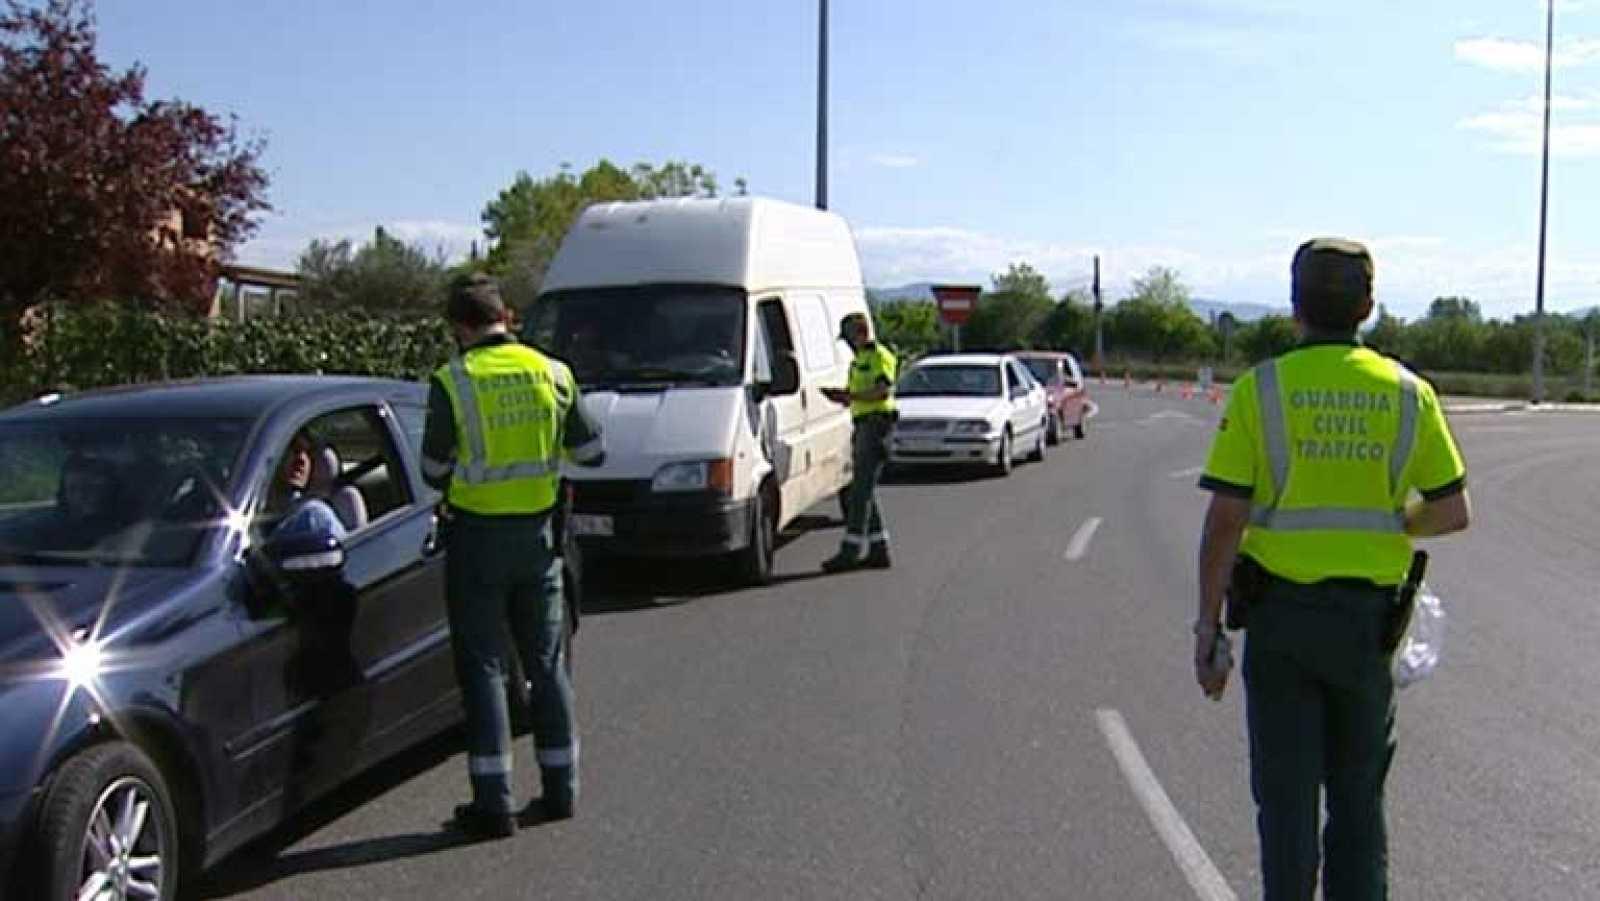 La DGT prevé 79 millones de desplazamientos en las carreteras entre julio y agosto